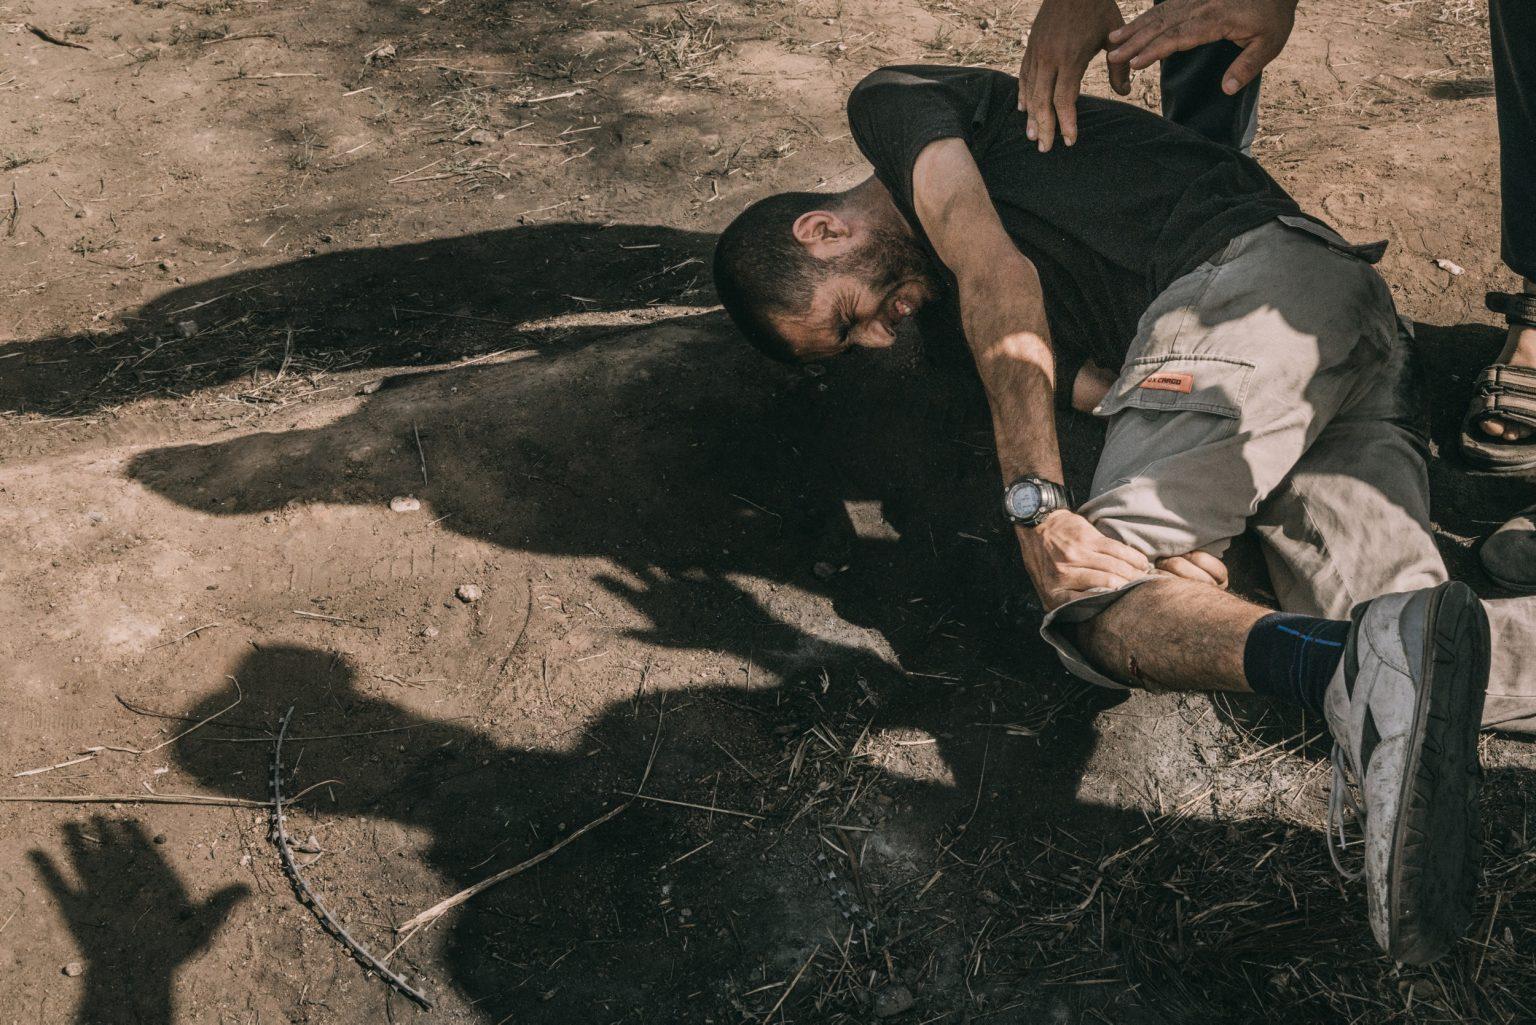 Gaza Strip, May 2018 - A man injured during the protest along the Gaza-Israel border. >< Striscia di Gaza, maggio 2018 - Un manifestante ferito durante le proteste lungo il confine tra Gaza e Israele.